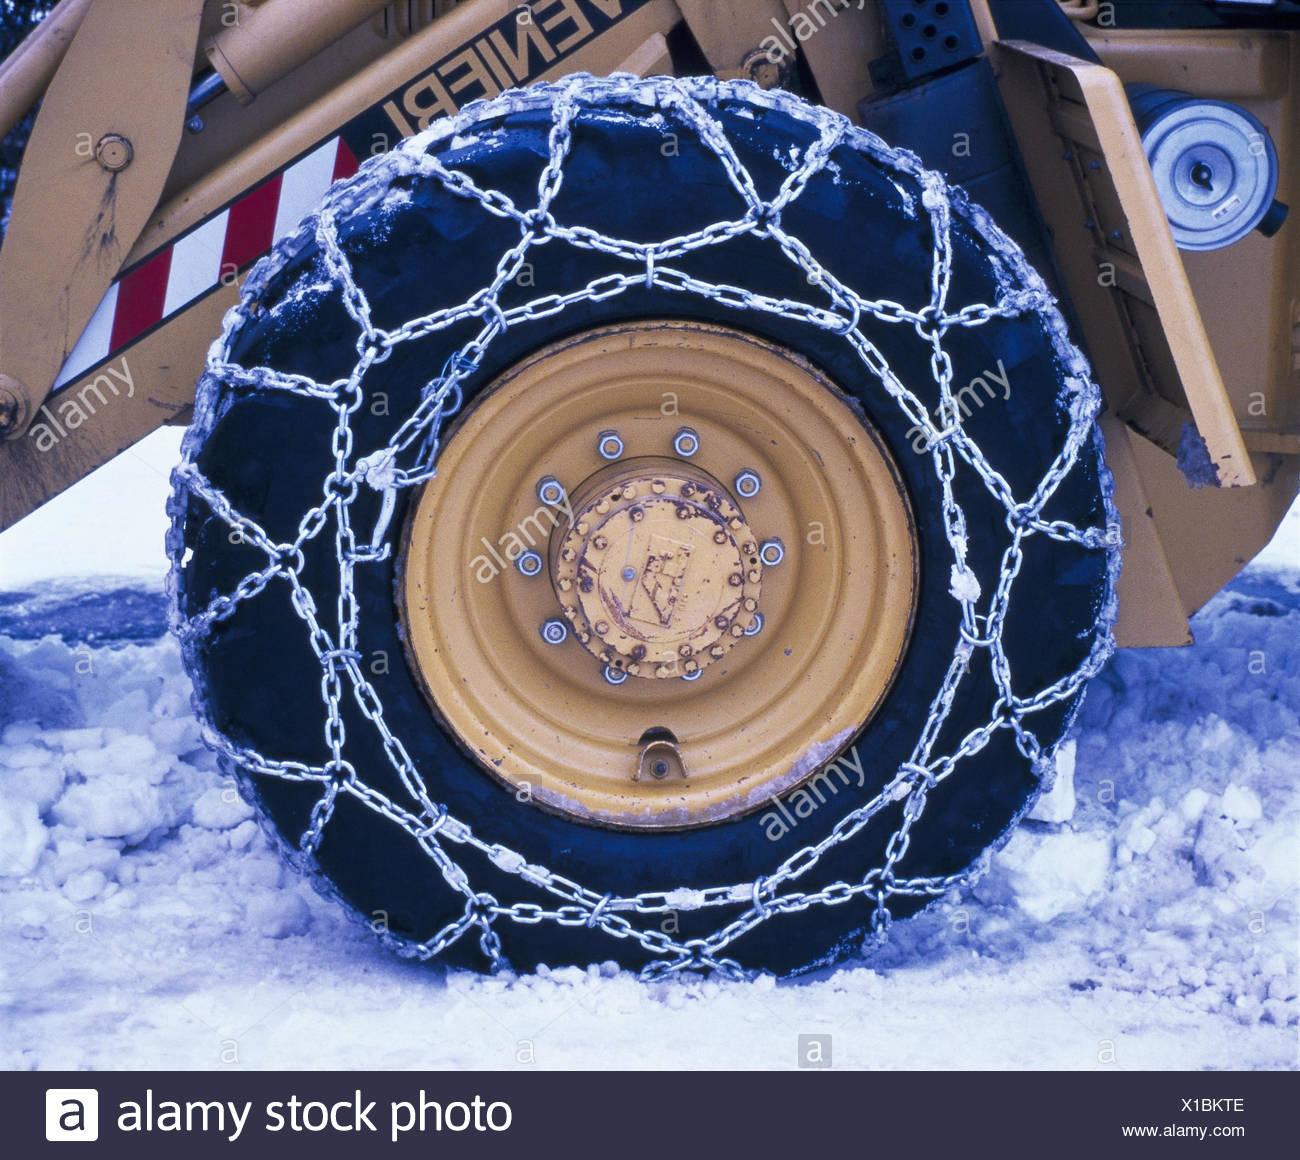 Räumfahrzeug, Detail, Reifen, Anti-Rutsch-Ketten, Schnee, Winter, wheeled Loader, Winterdienst, Fahrzeug, zu Schnee Räumen Stockbild